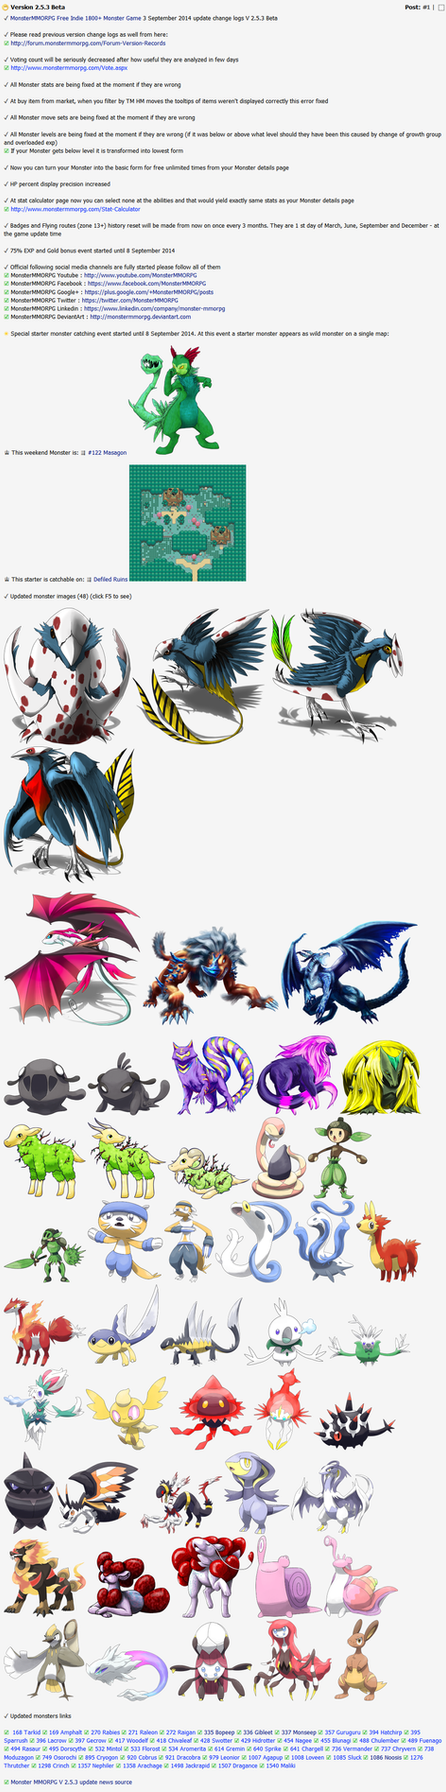 Alternative to Pokemon Online Games Monster MMORPG by MonsterMMORPG